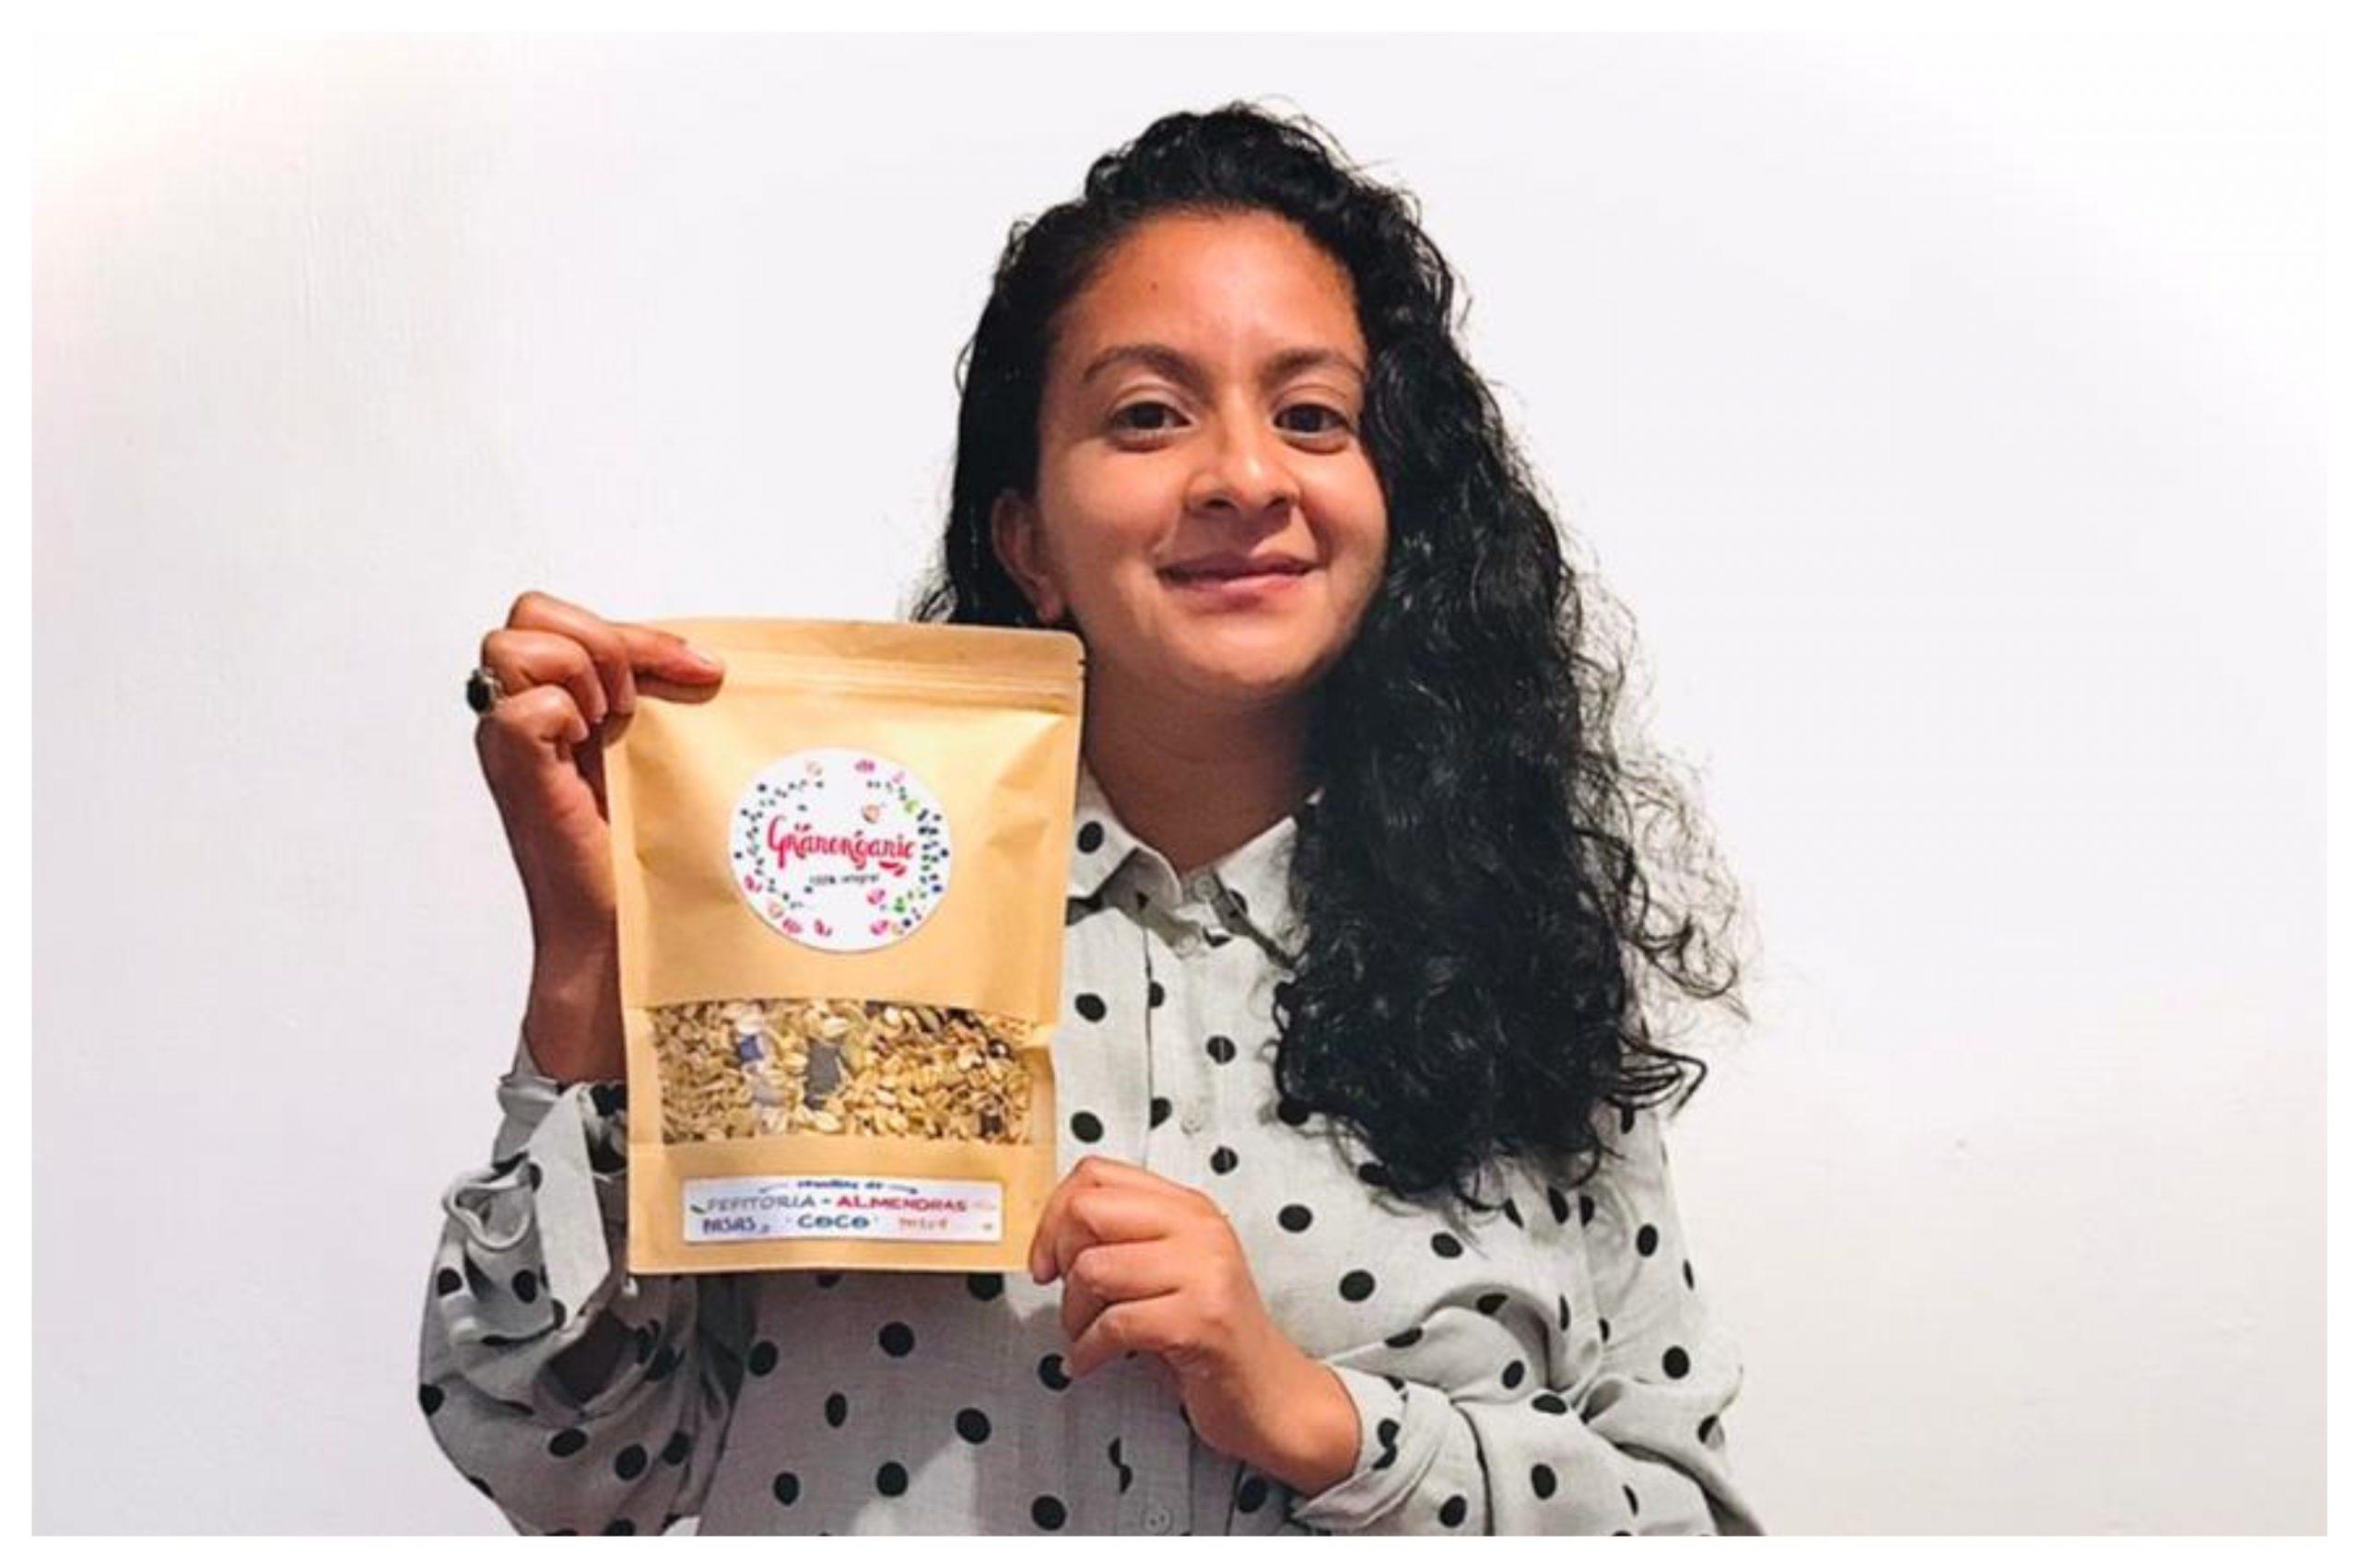 Conoce la historia de Lisbeth Robledo y su emprendimiento de granola